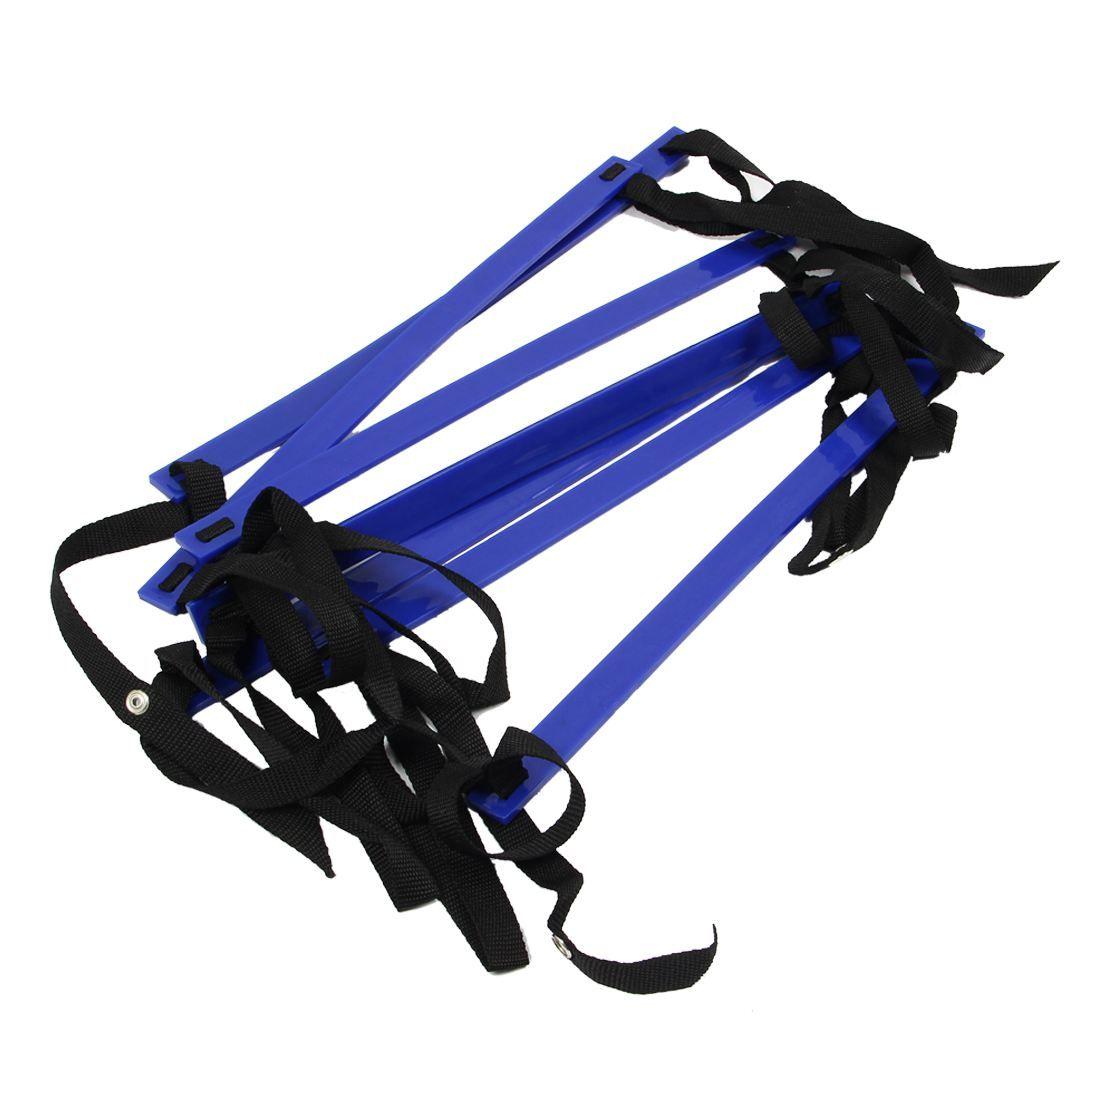 10 Средства ухода за кожей стоп ловкость Скорость лестница Футбол обучение лестница быстрый плоским Рунг Скорость лестница-синий